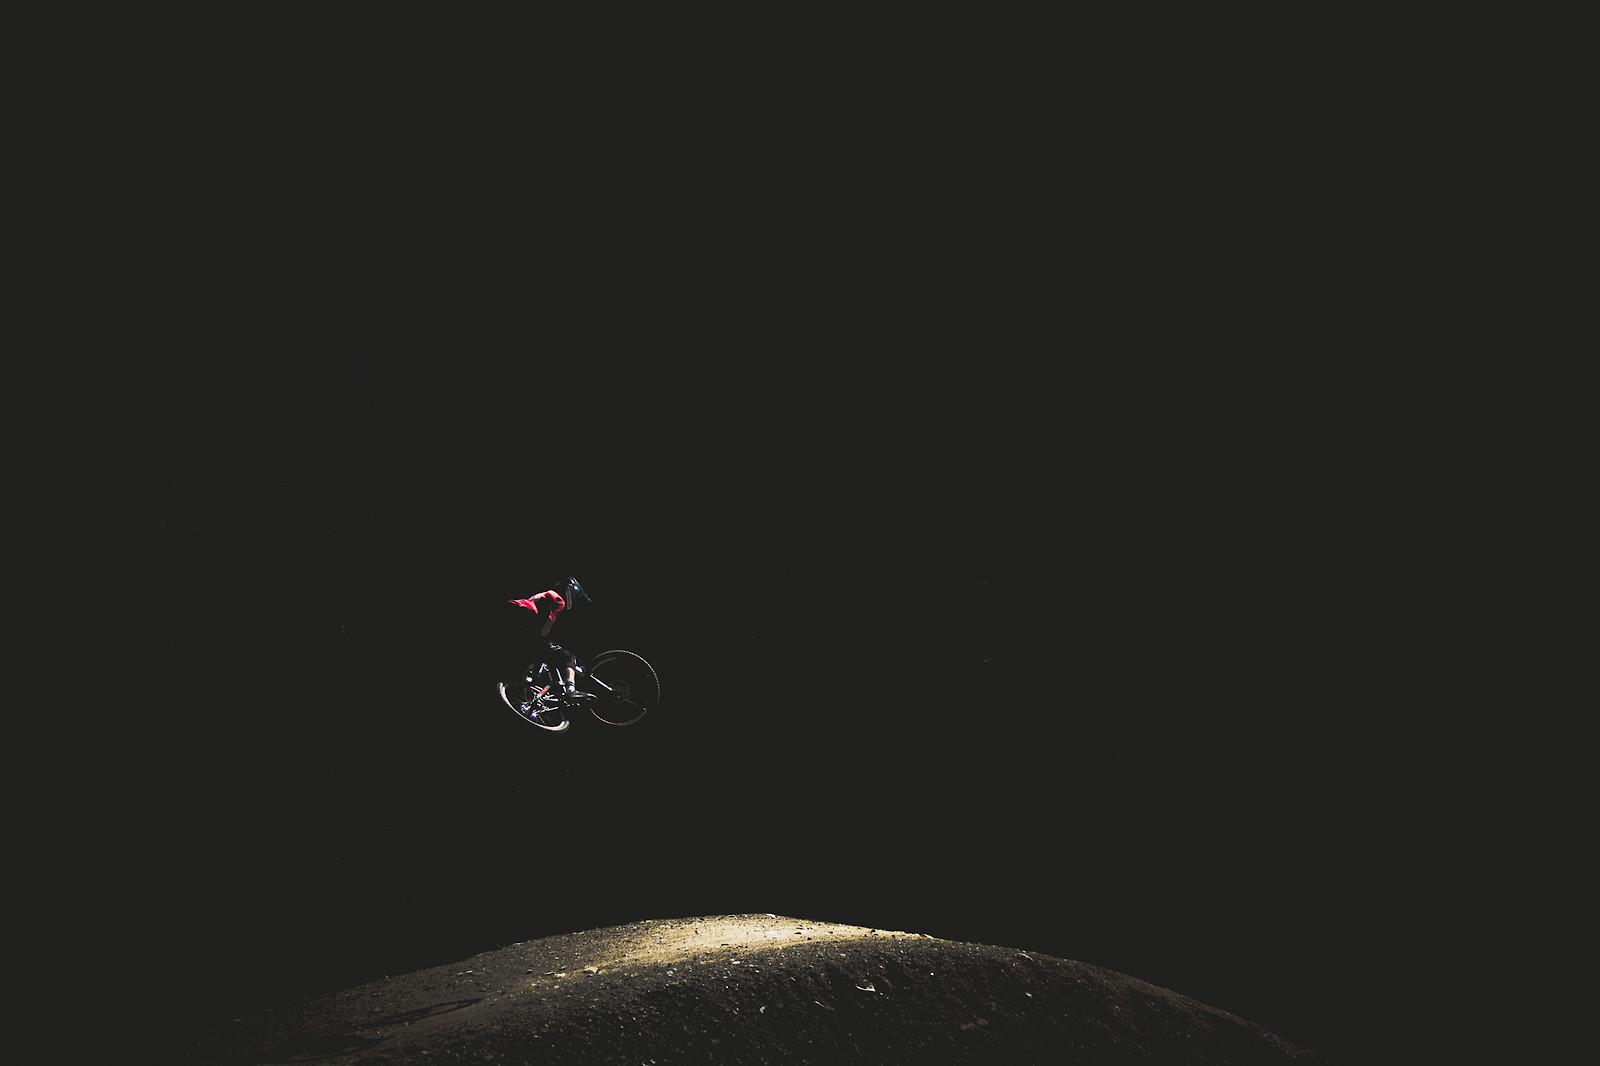 24A1118 - Entwoane - Mountain Biking Pictures - Vital MTB